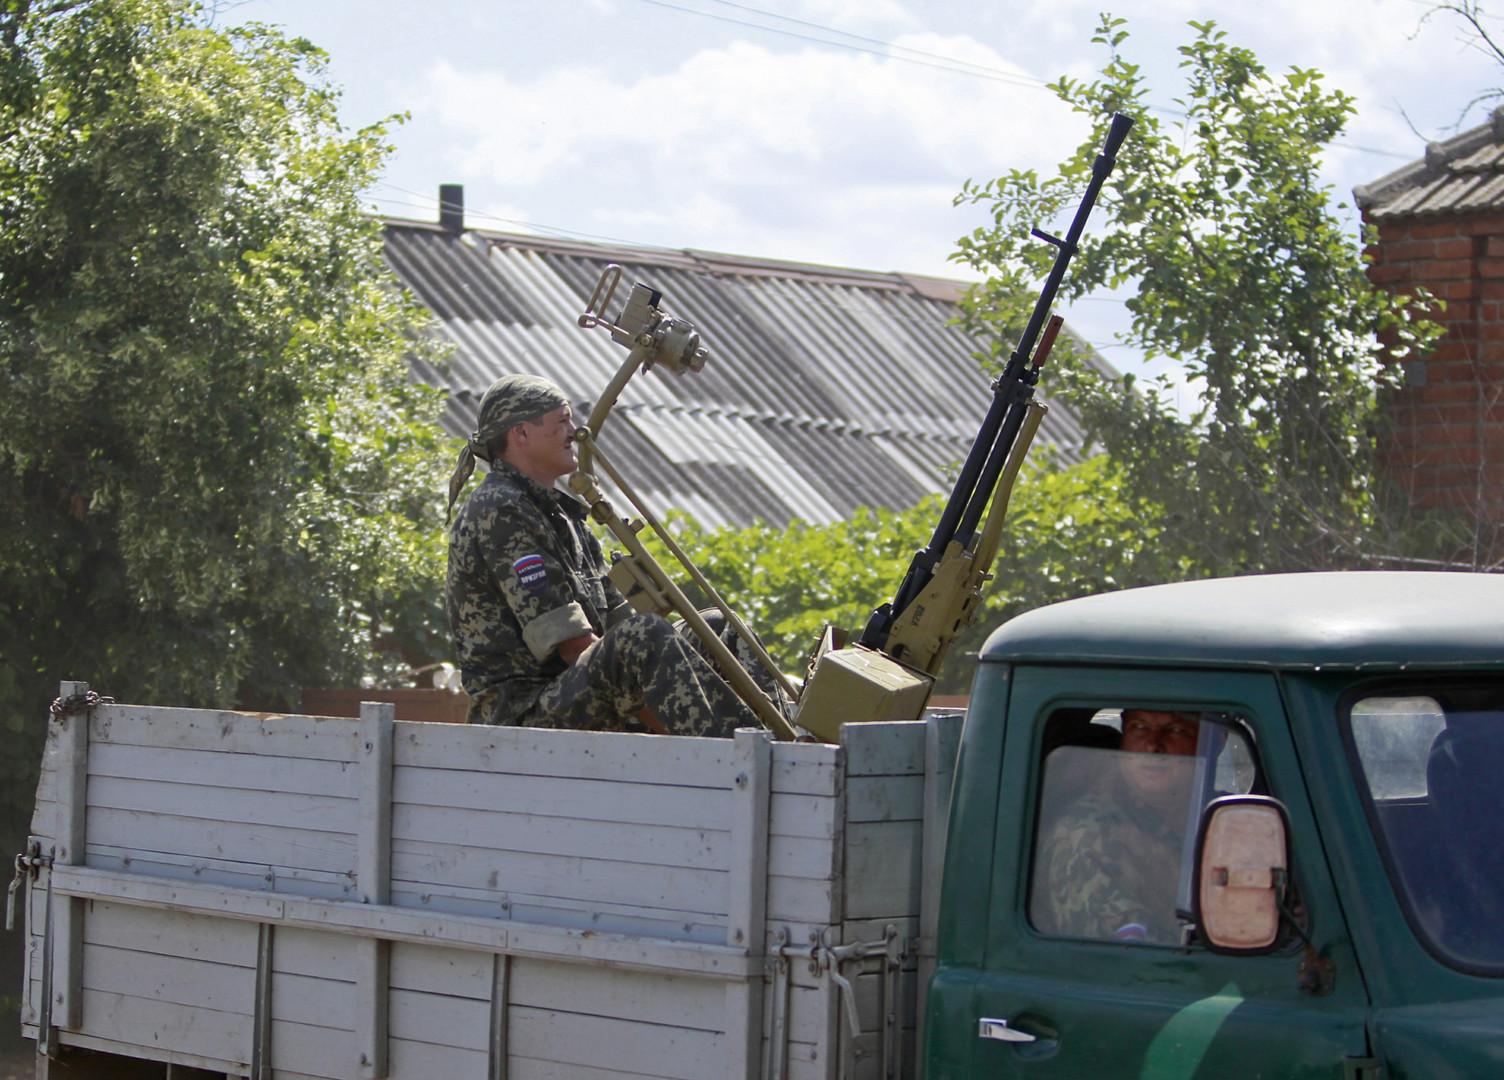 سلطات دونيتسك تحبط عملا إرهابيا كان يستهدف صلاة عيد الفطر